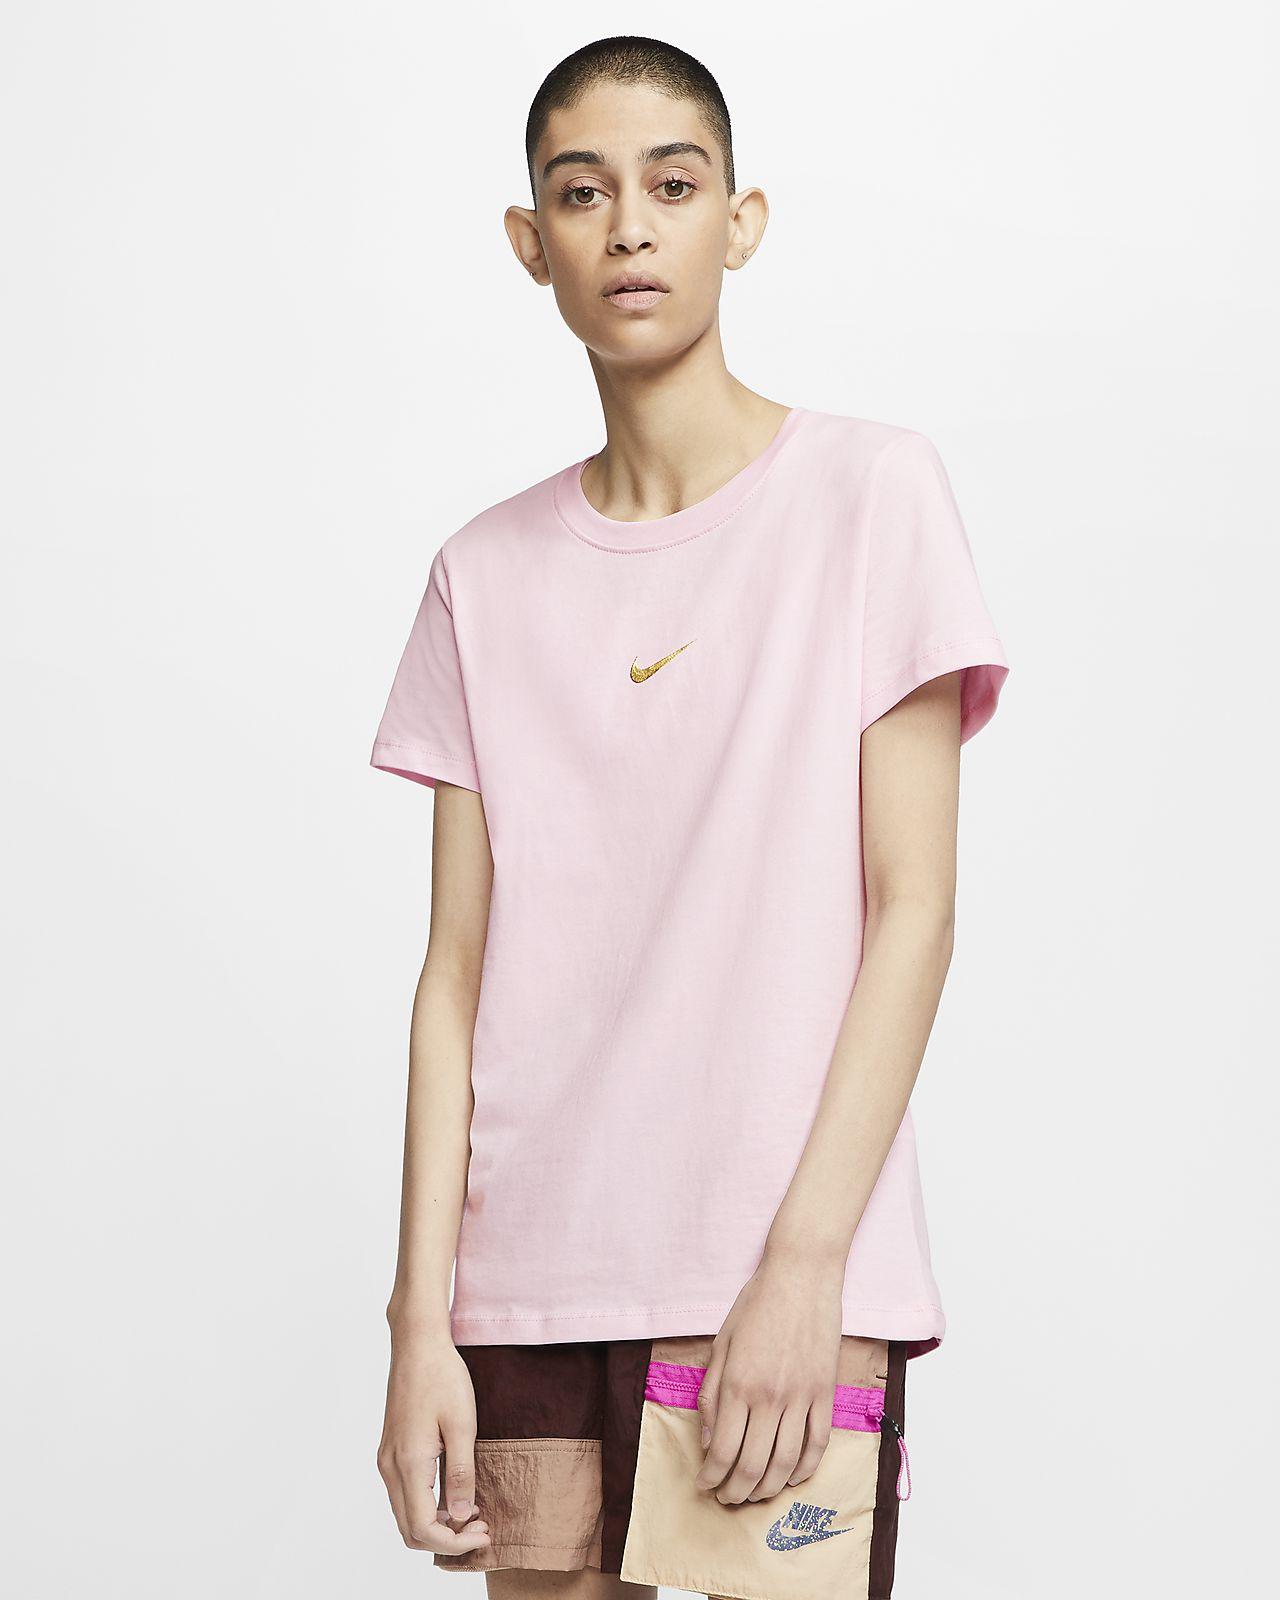 Modne Nike Swoosh Krótkie Spodenki Sleeved T shirty Damskie